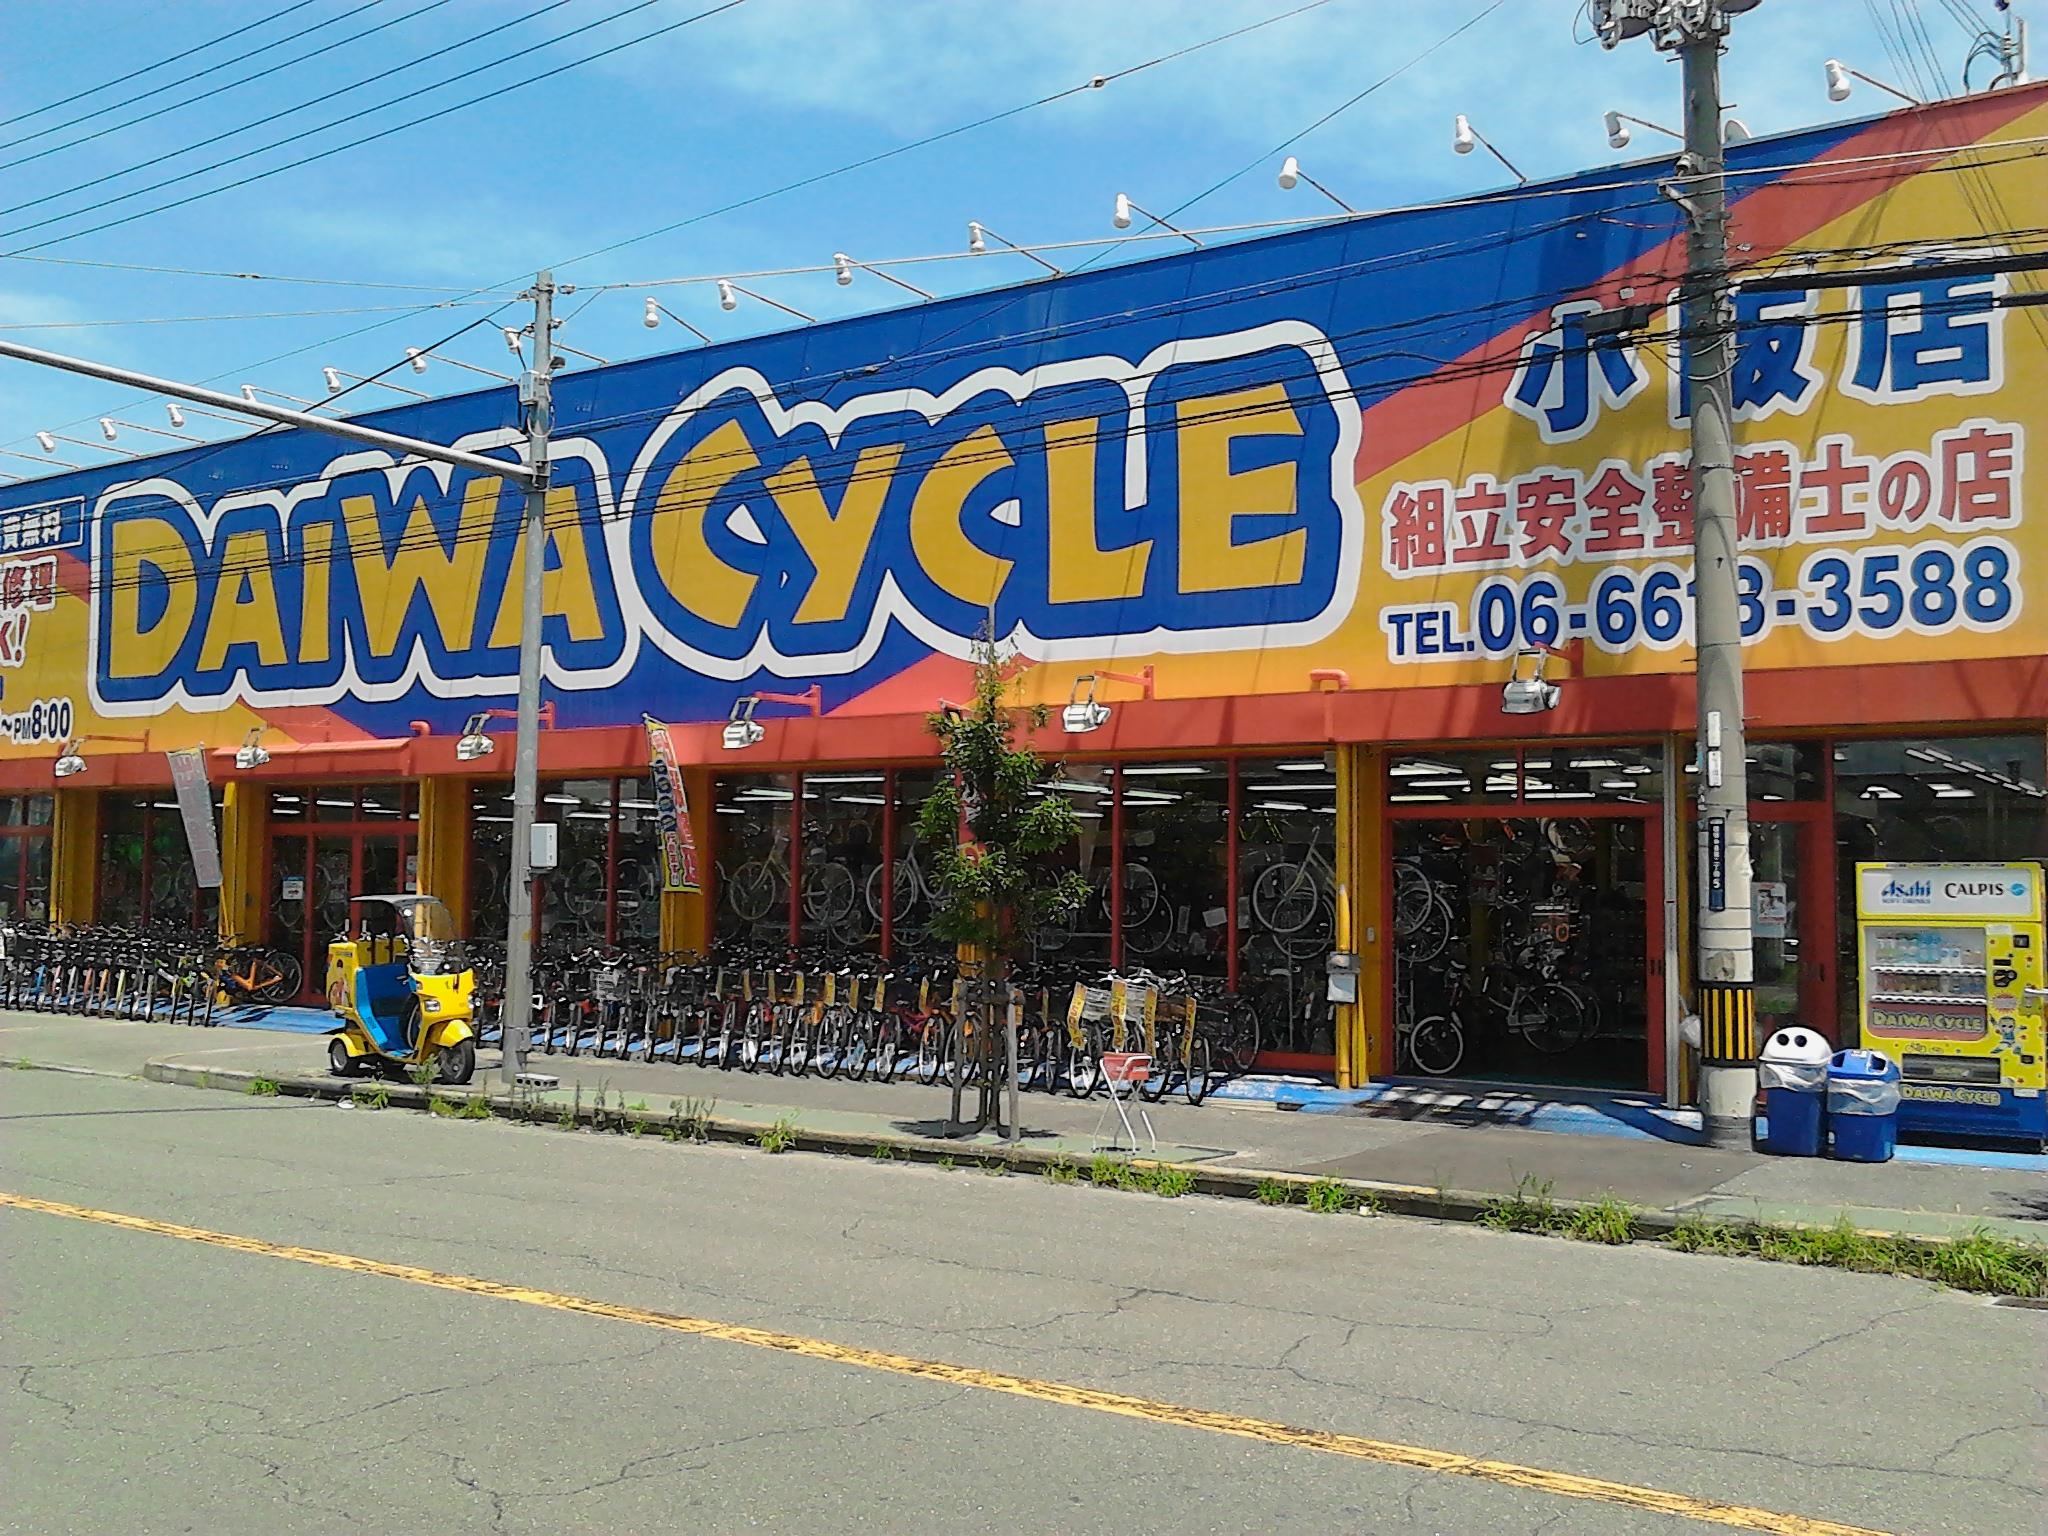 【入門】Holiday Cycling〈ダイワサイクル小阪店〉申込受付中